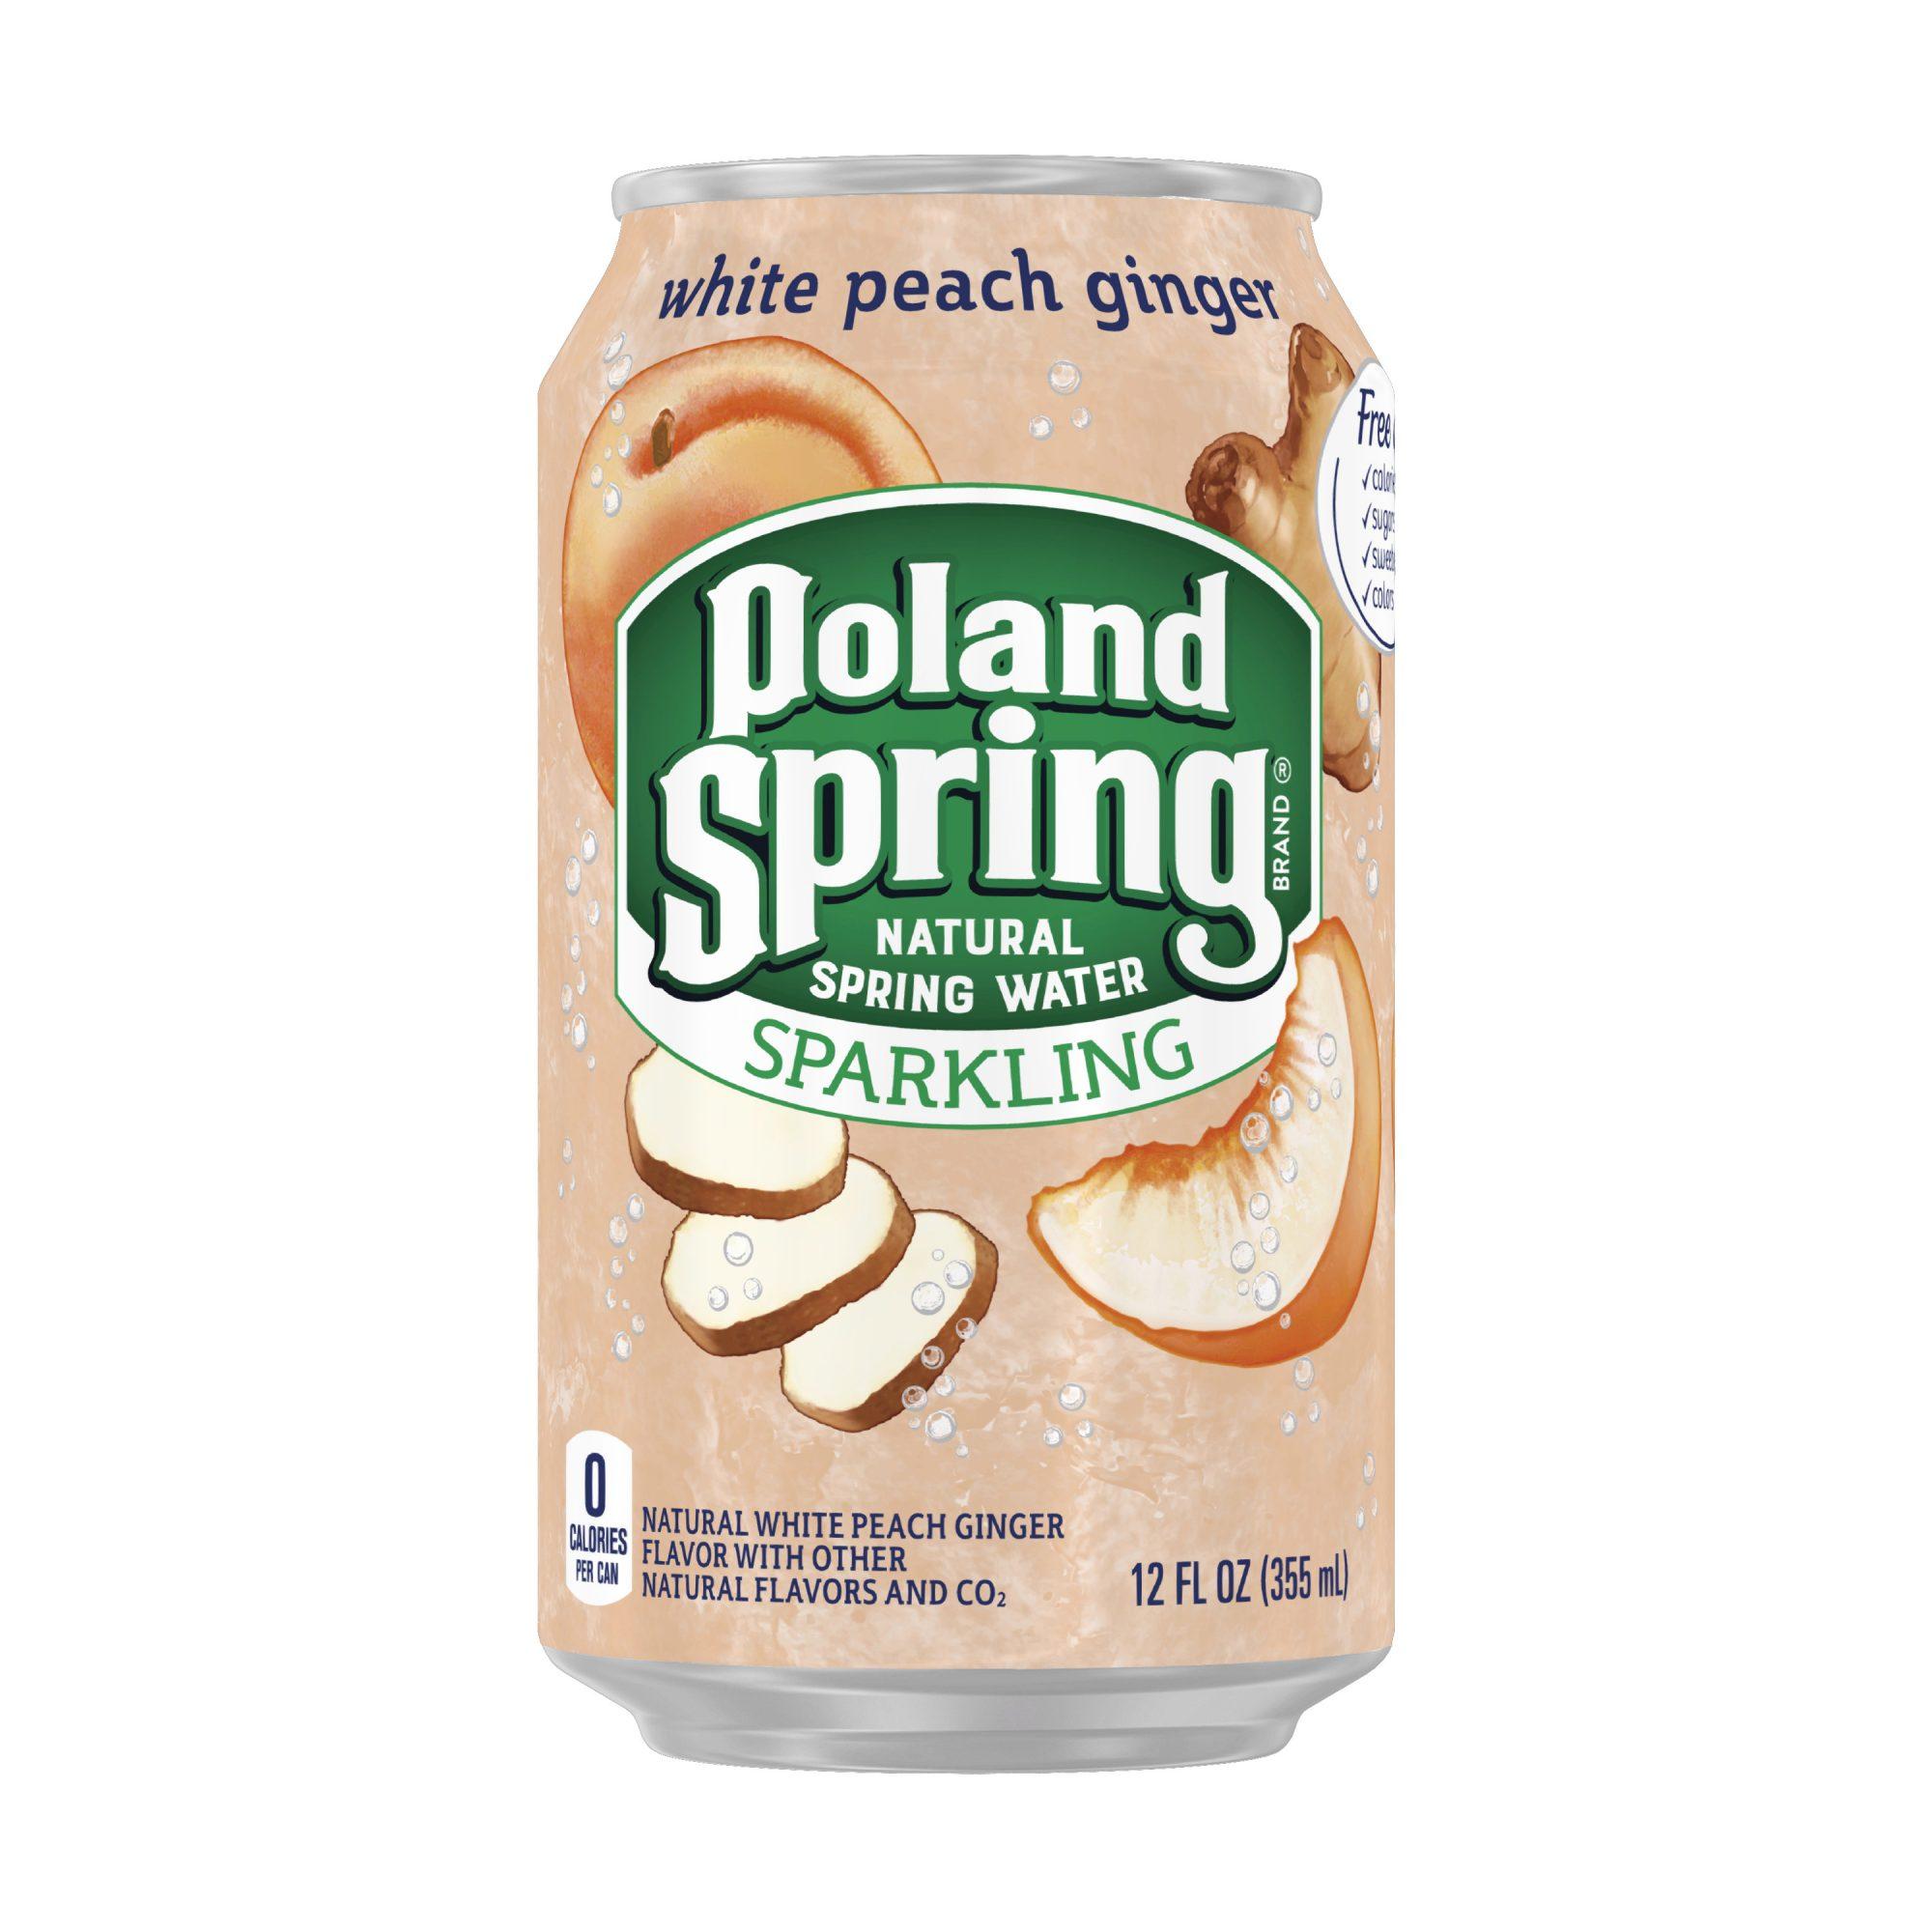 Poland Spring White Peach Ginger